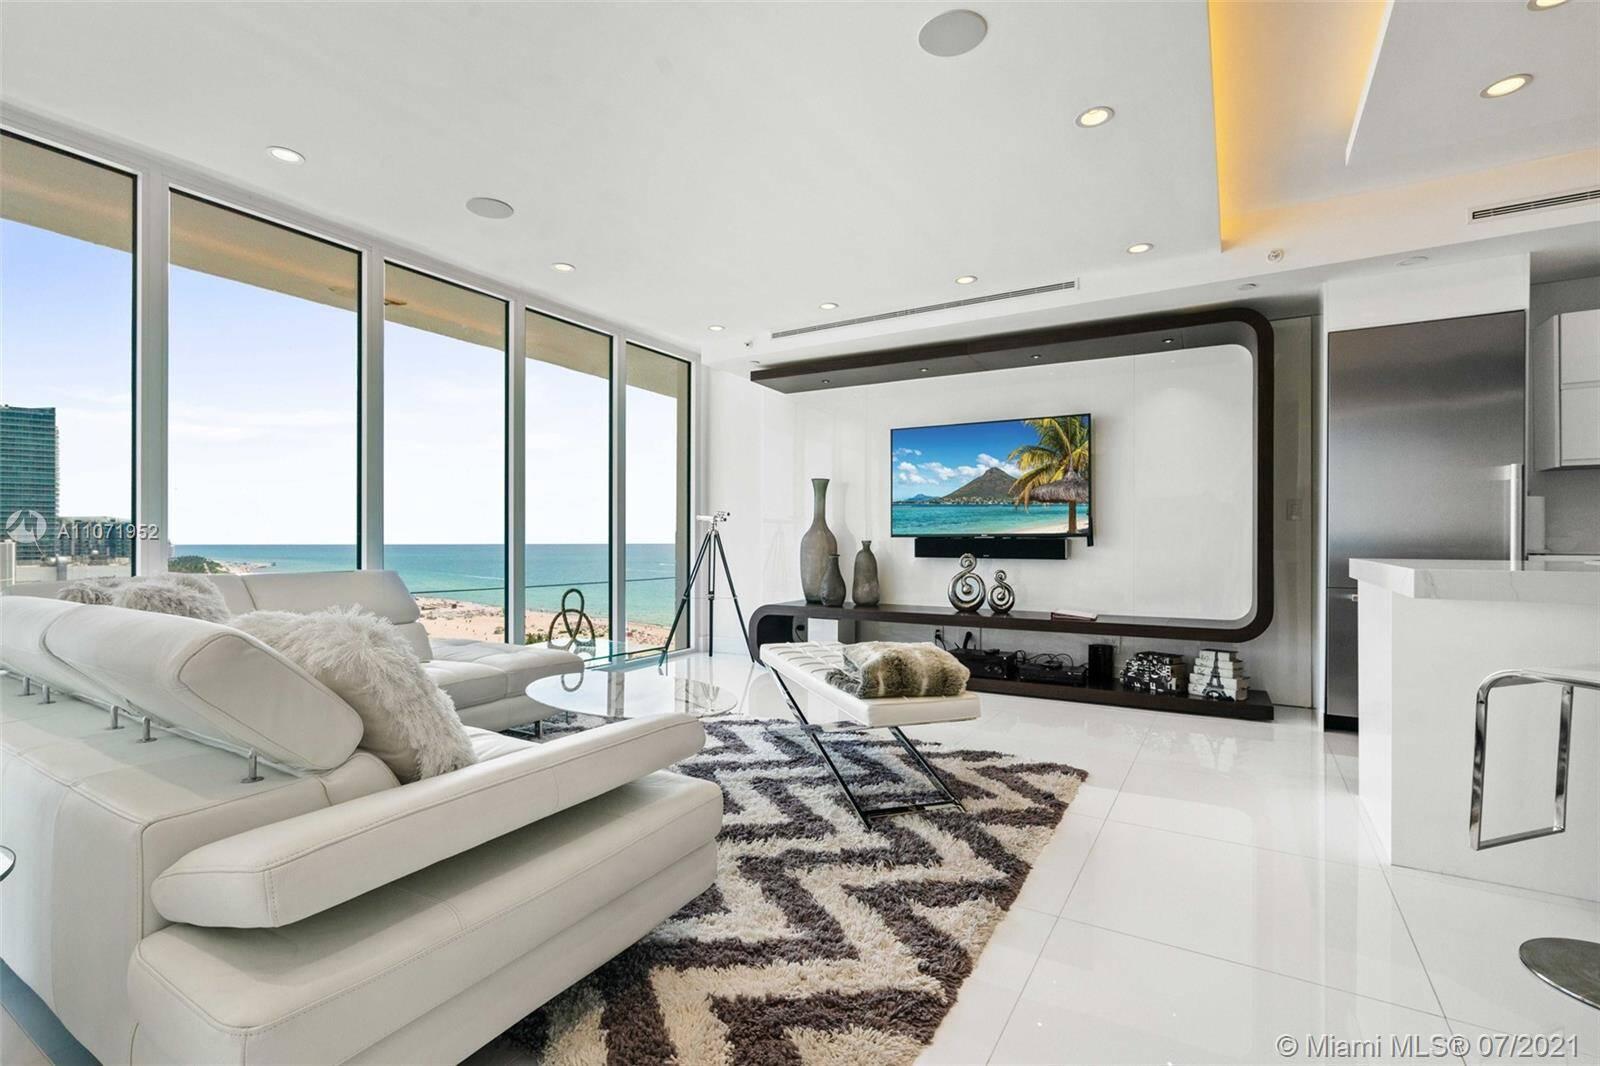 Decoplage South Beach For Sale| Unit #PH6